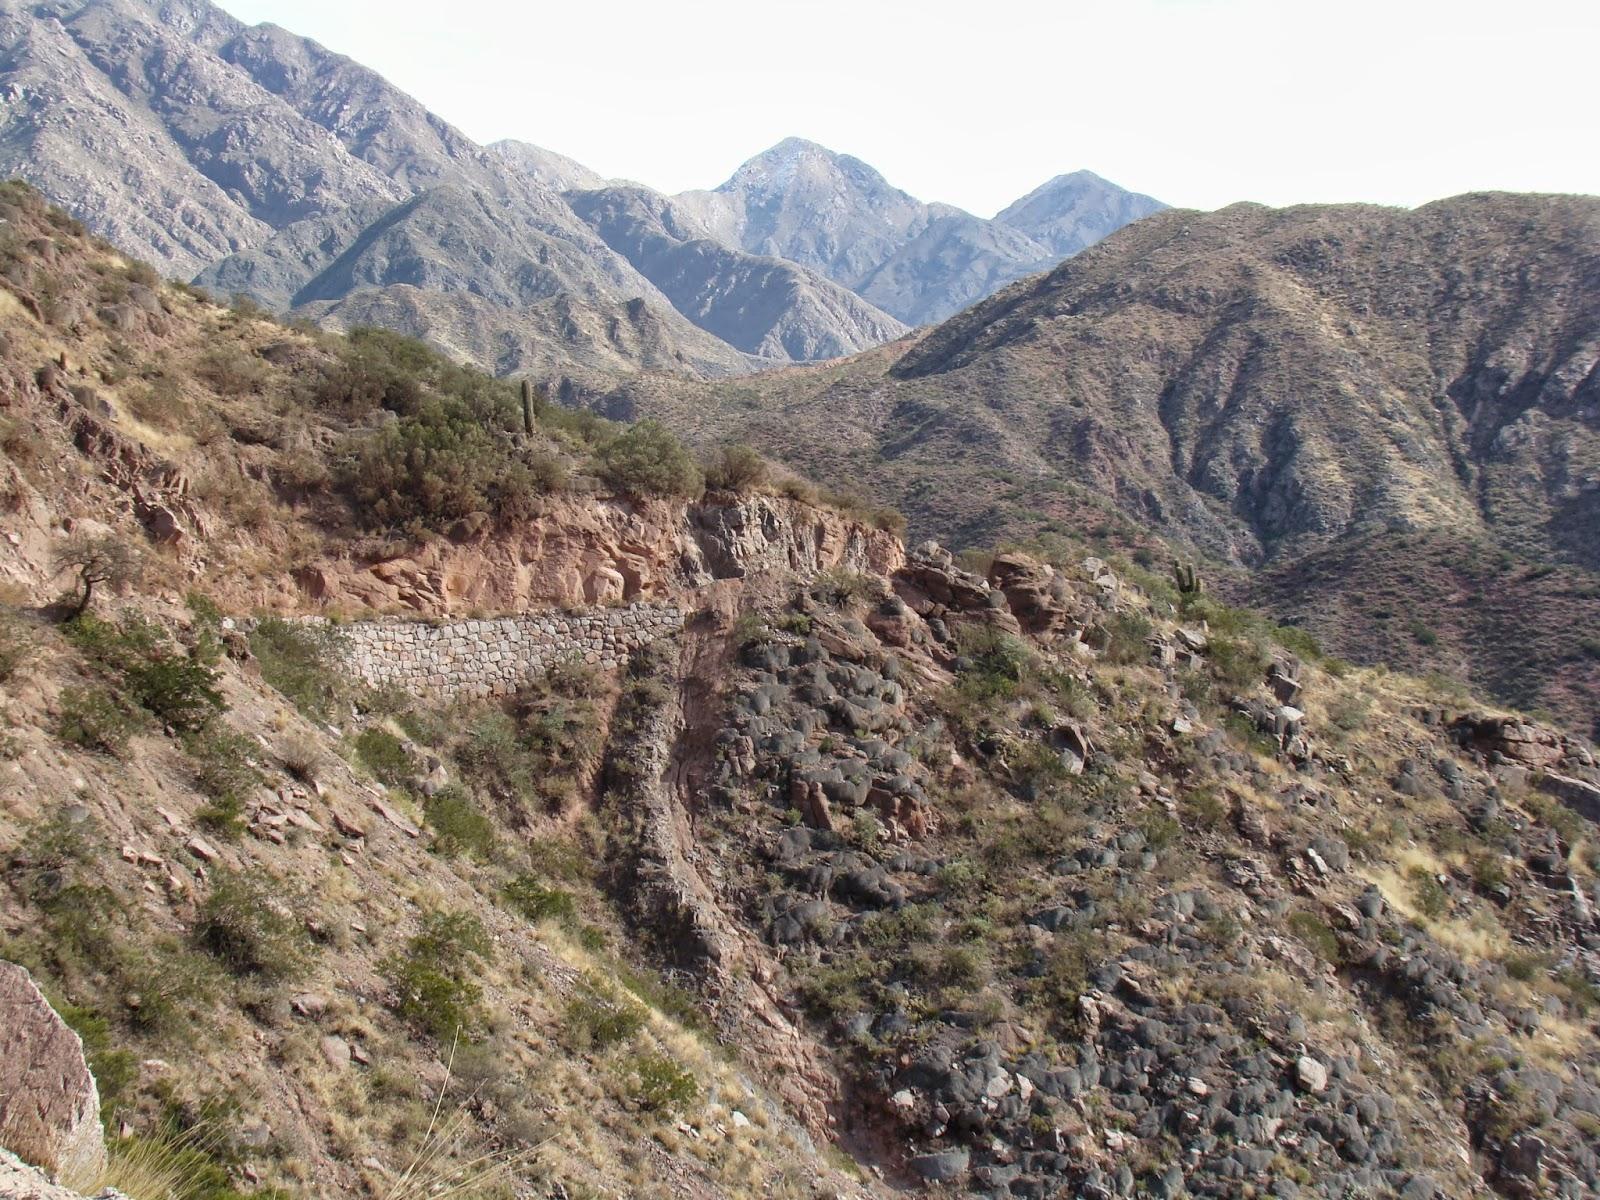 Cuesta de Miranda, Argentina, Elisa N, Blog de Viajes, Lifestyle, Travel